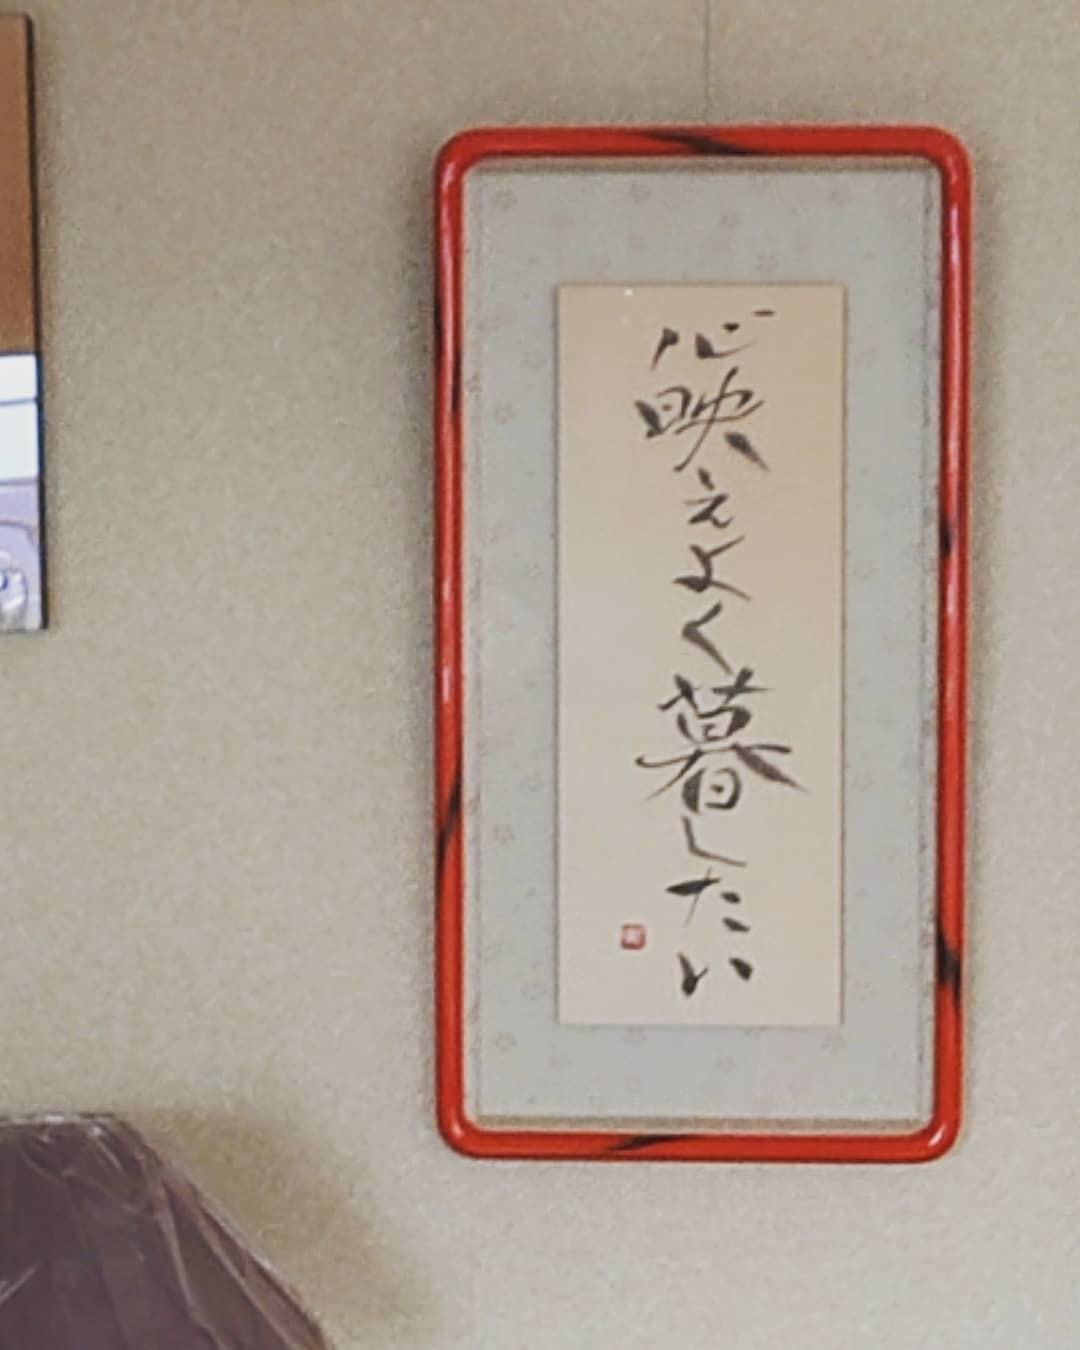 神戸から、自然の美と脅威_a0098174_21325425.jpg